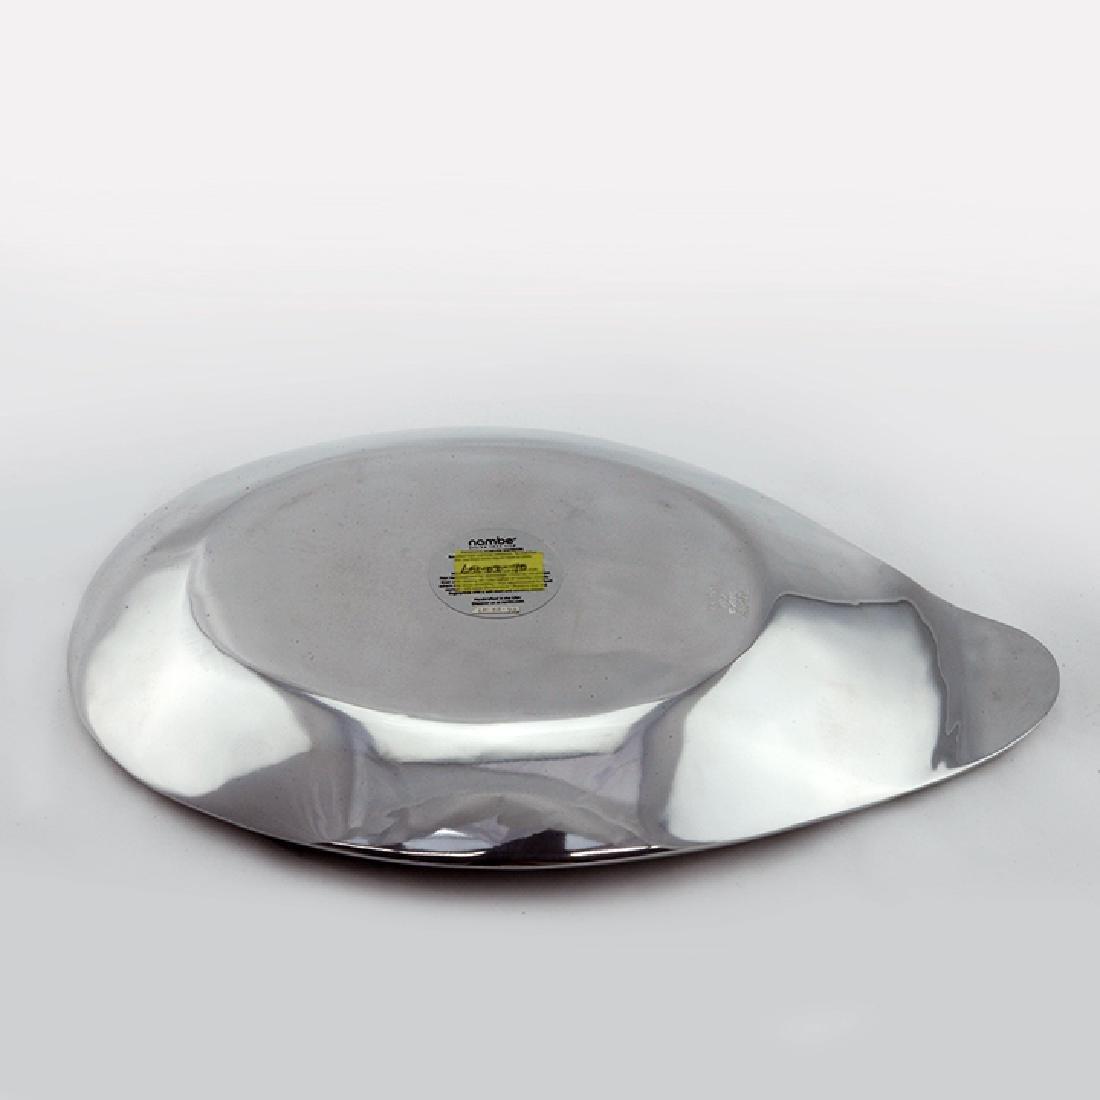 Zeisel Nambe 17in Platter - 3